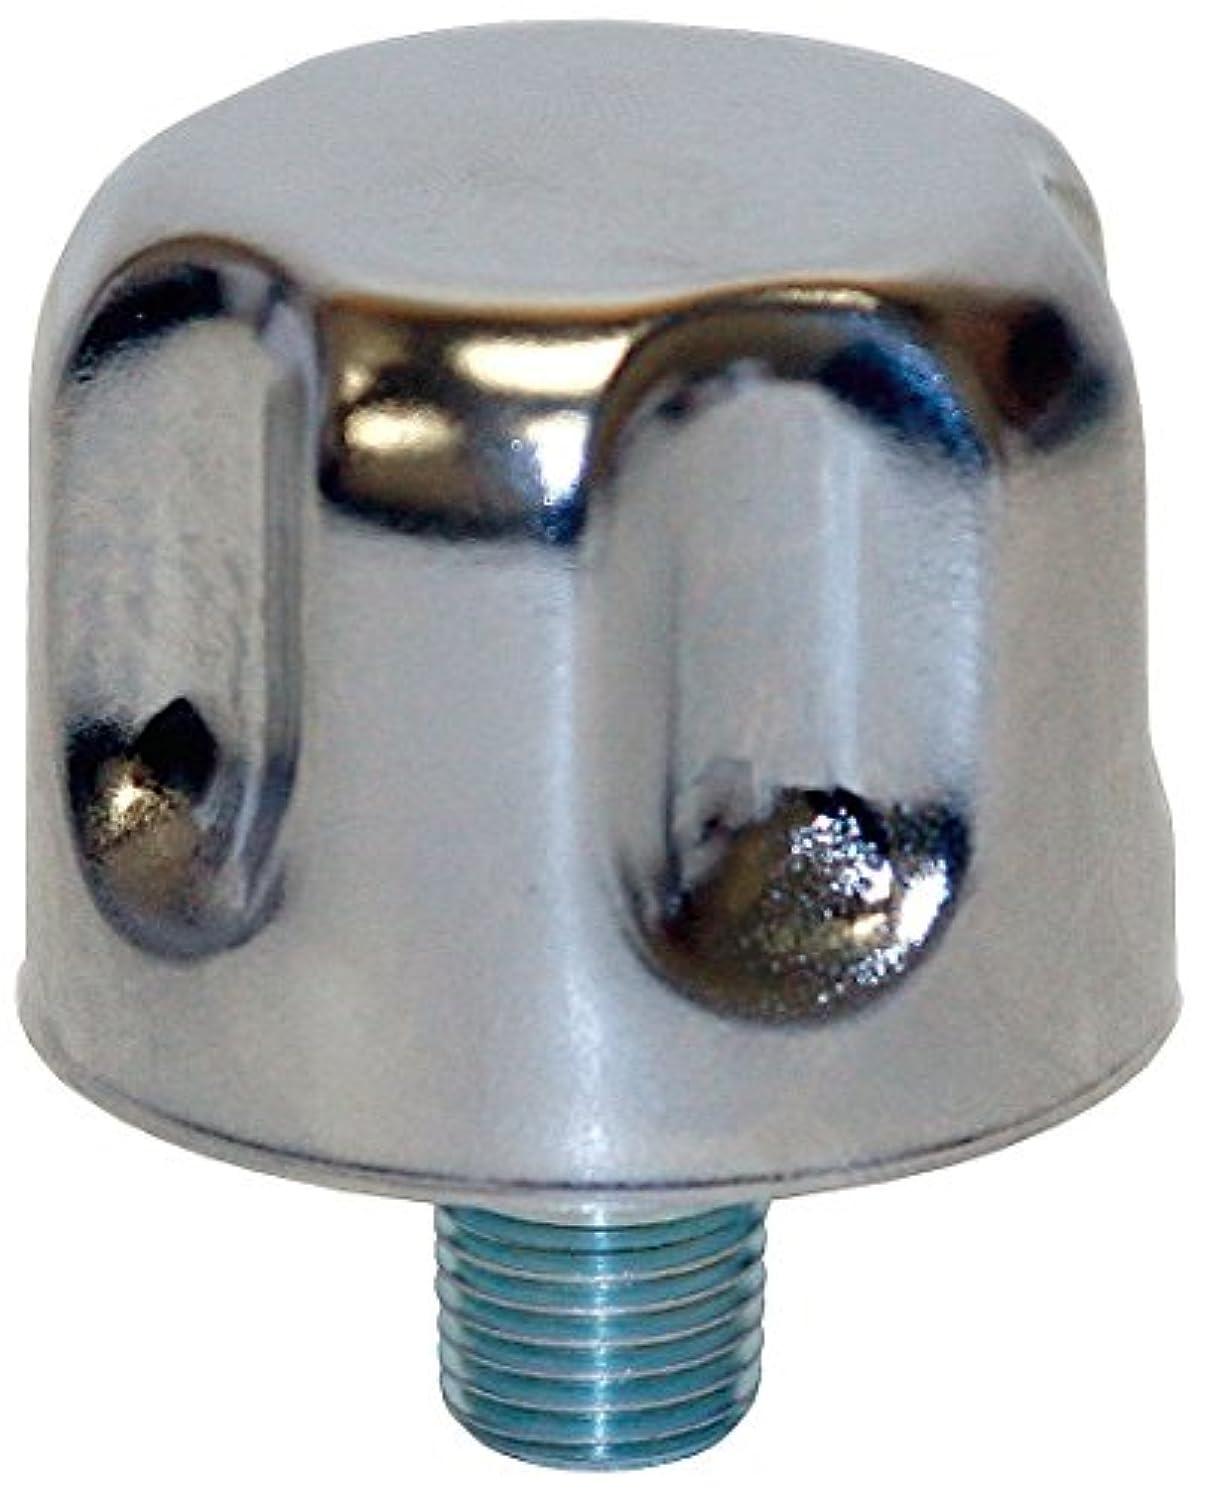 Vent Plug, 3/4 NPT, 1-5/8 In